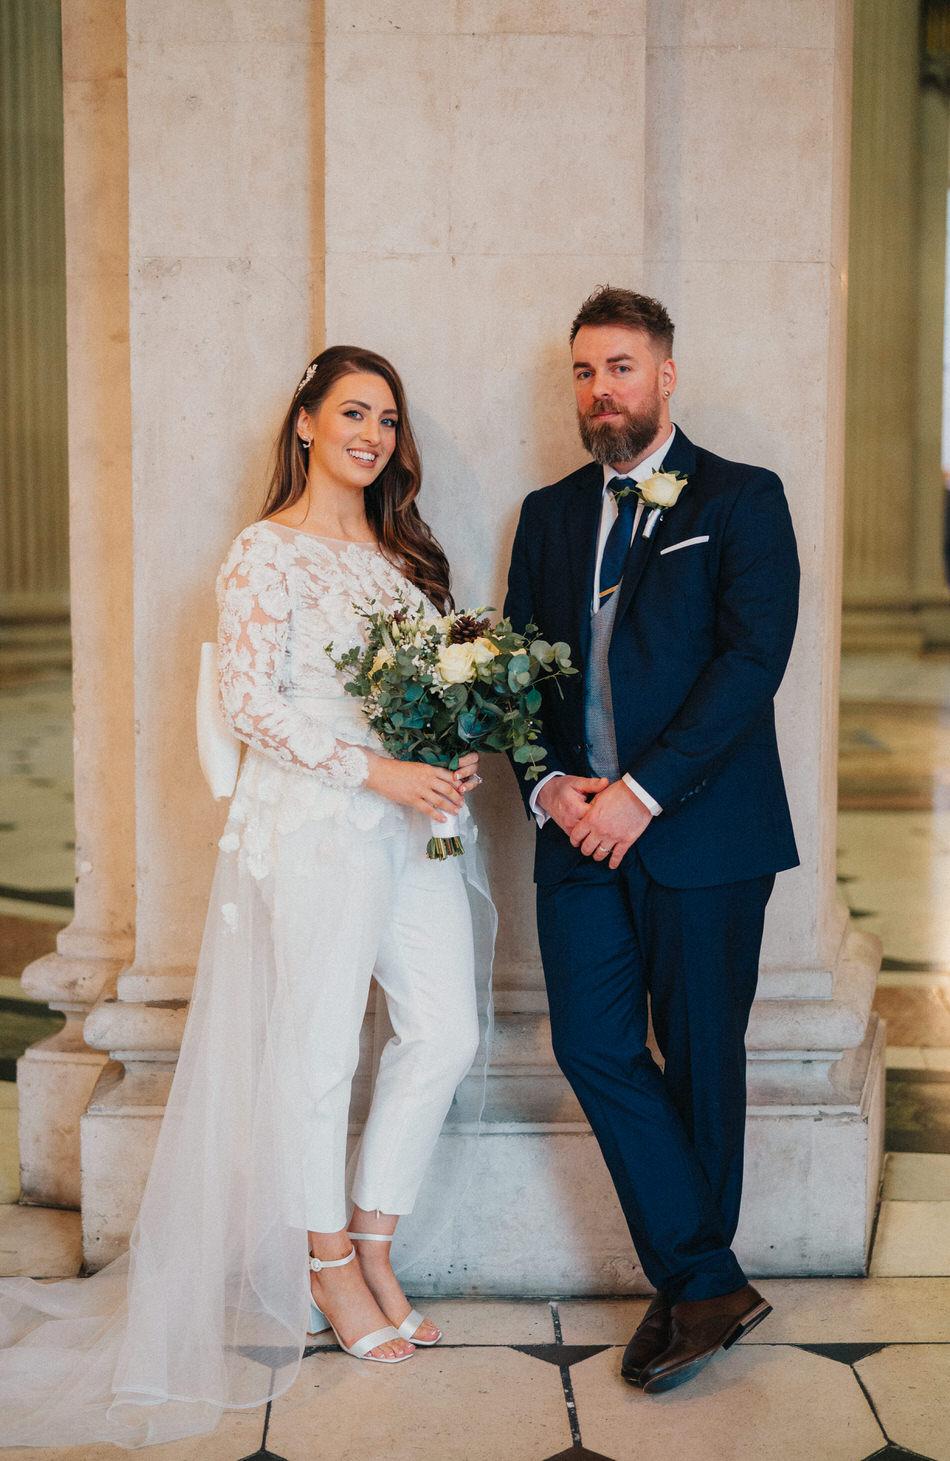 City-hall-dublin-wedding-photos-58 57